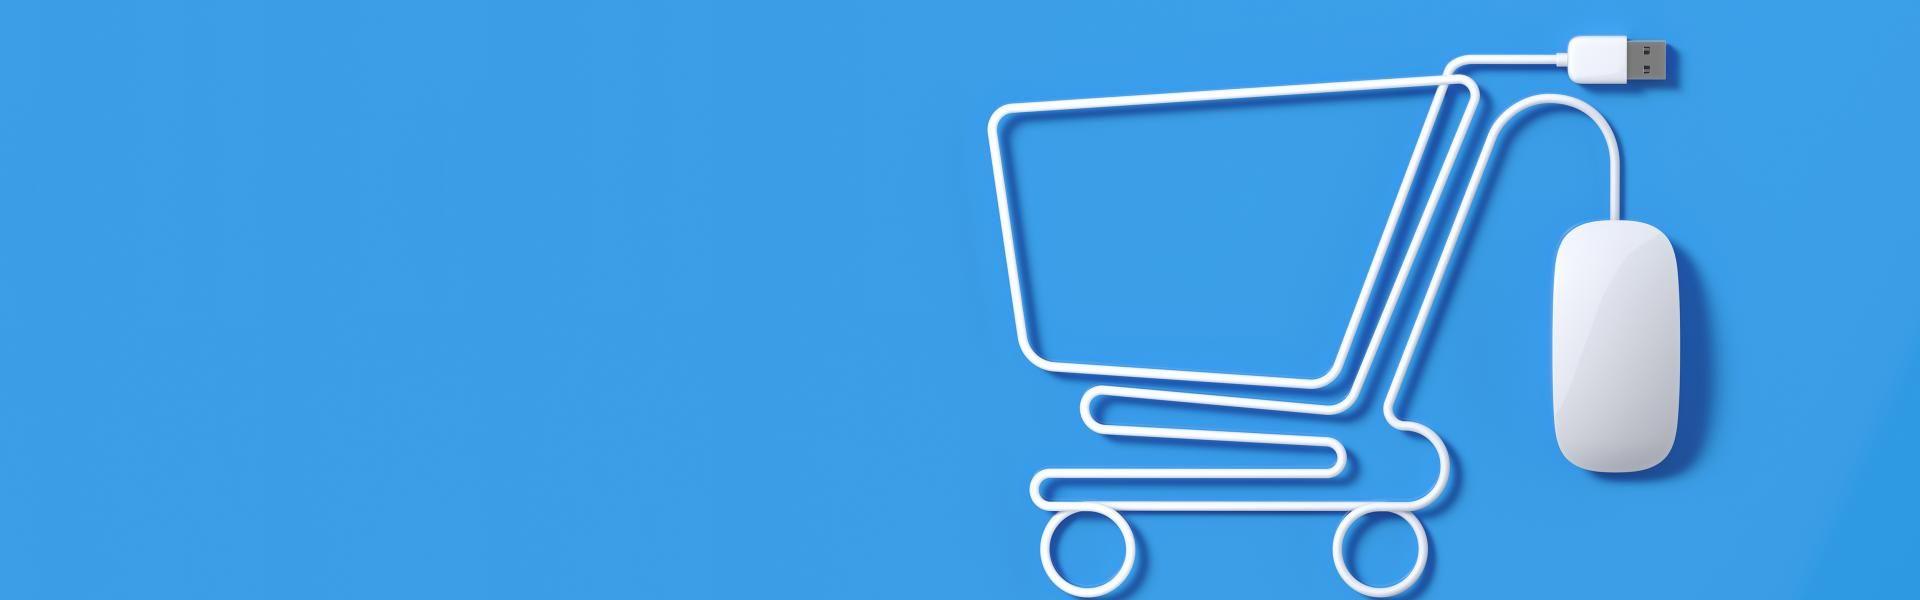 数字版权交易_上海版权登记平台_流程